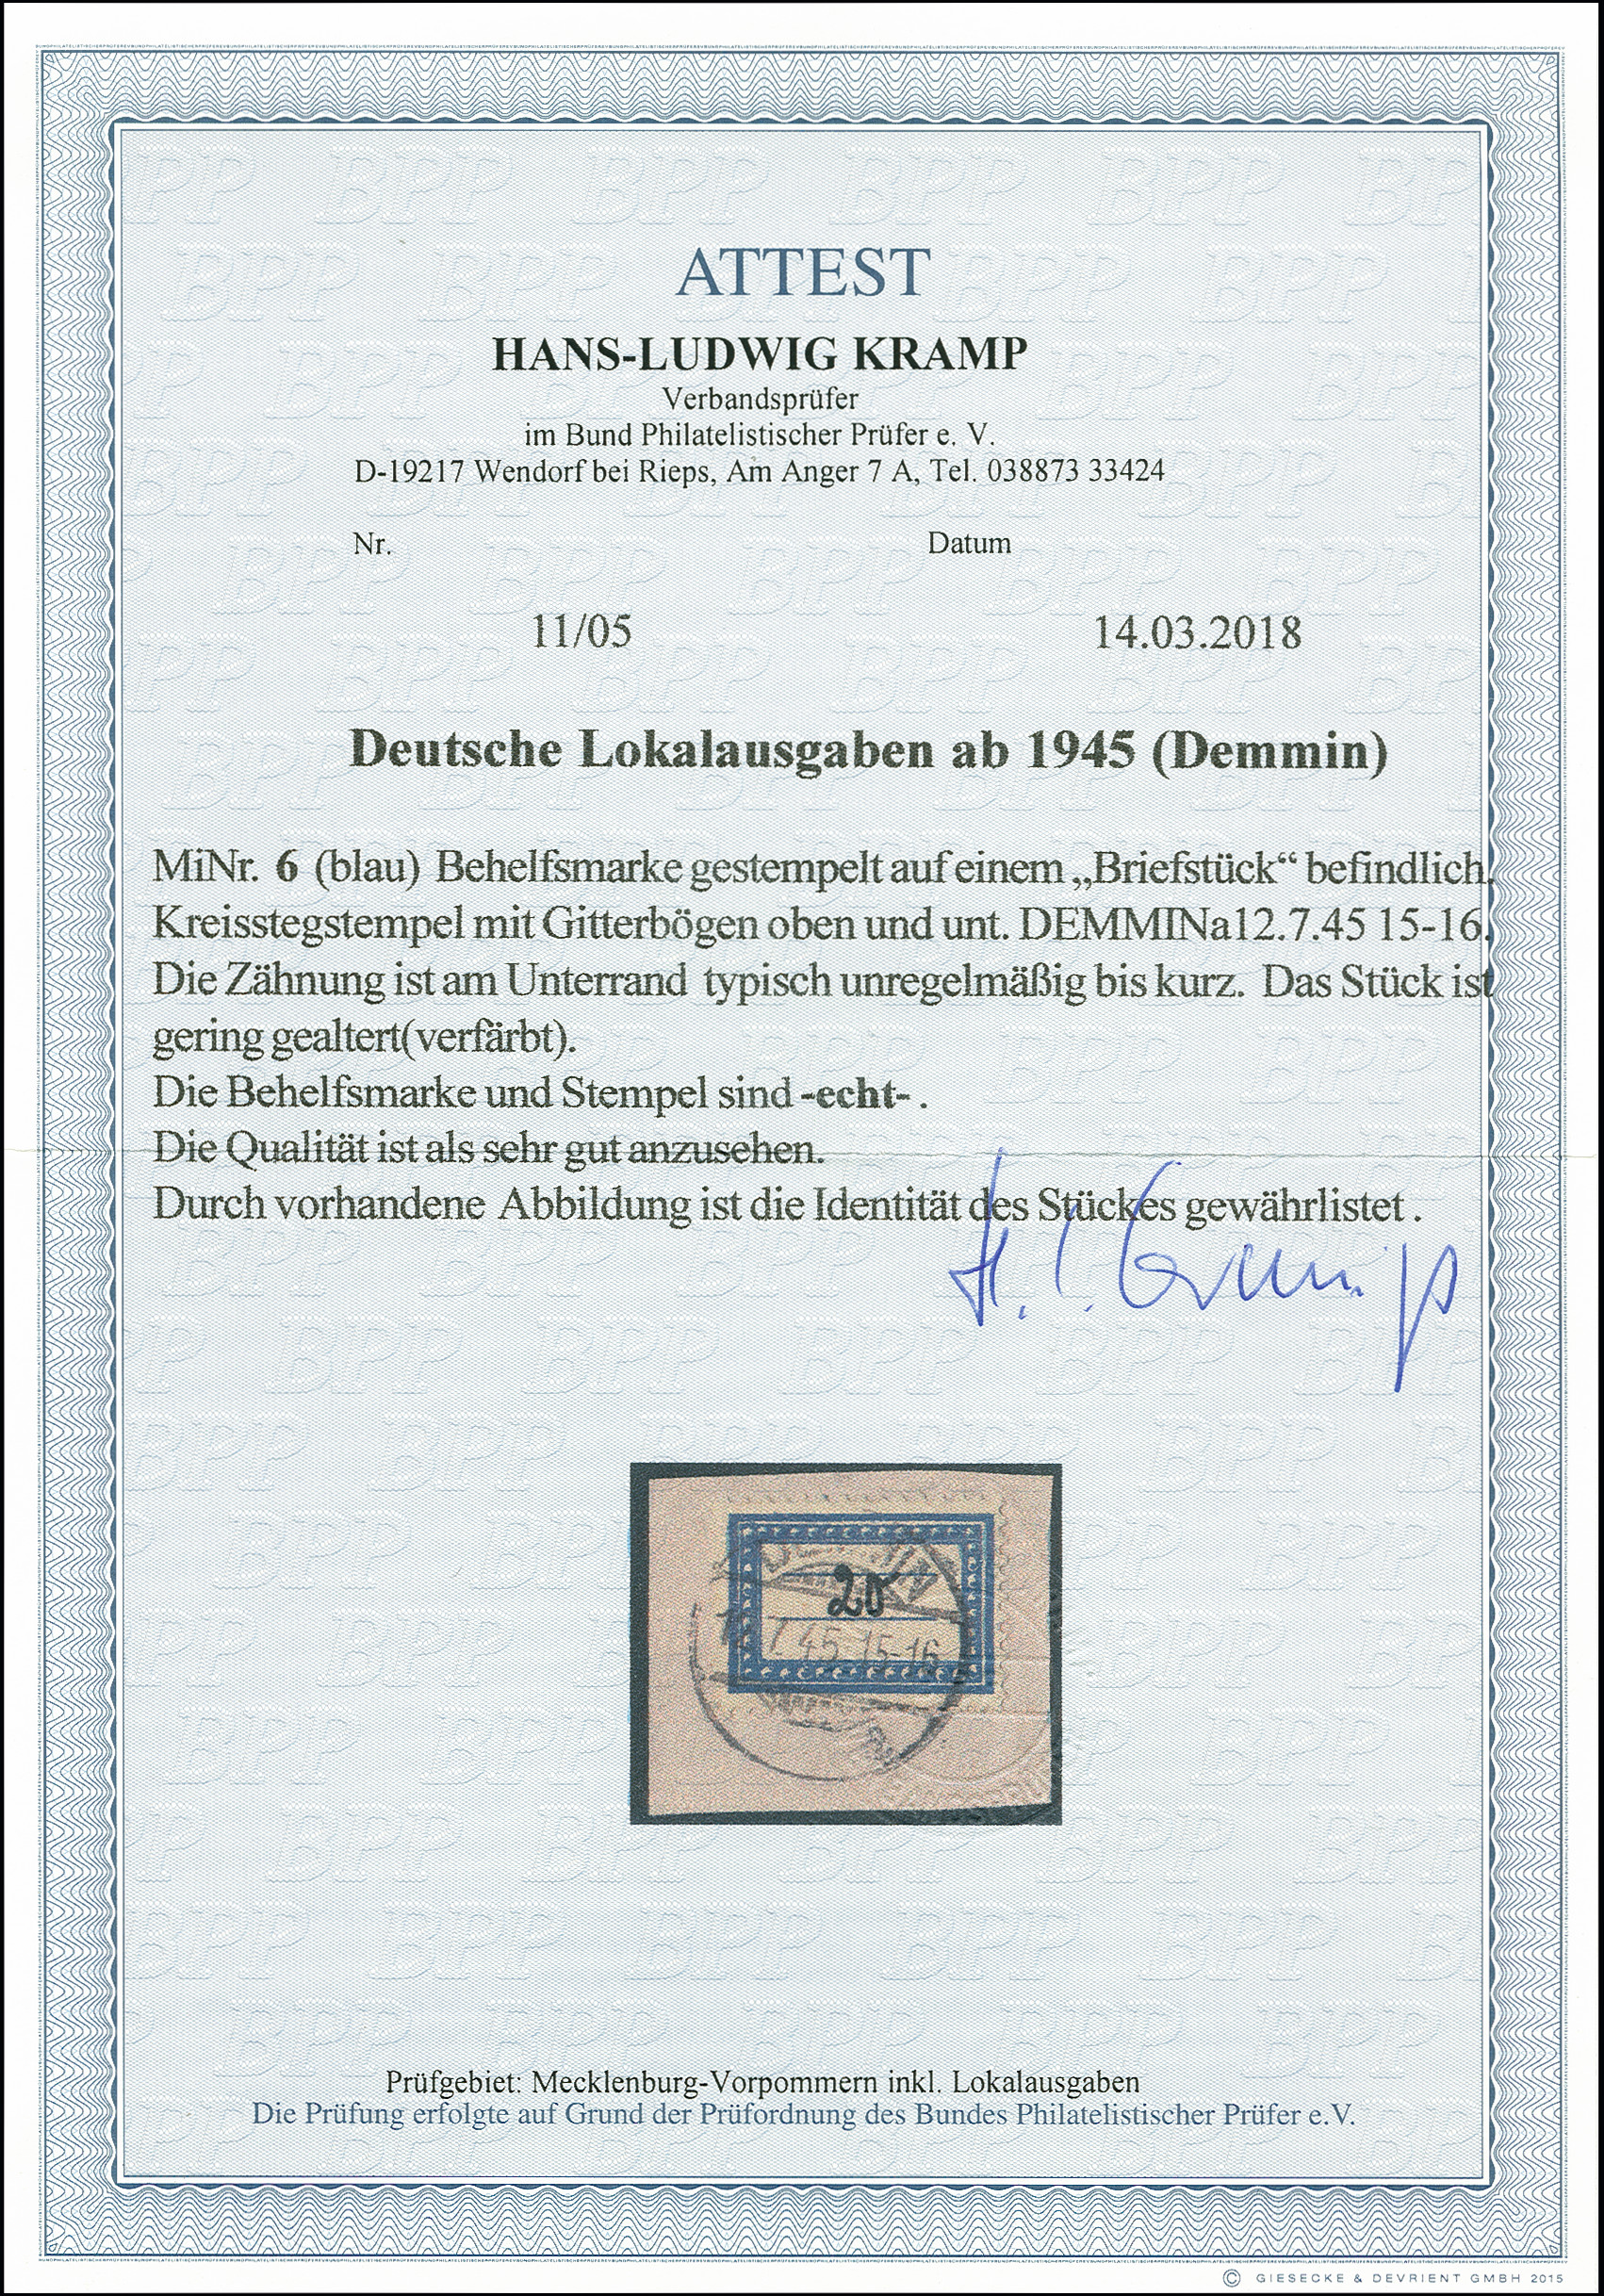 Lot 3454 - deutsche lokalausgaben ab 1945 demmin -  Heinrich Koehler Auktionen 375rd Heinrich Köhler auction - Day 3